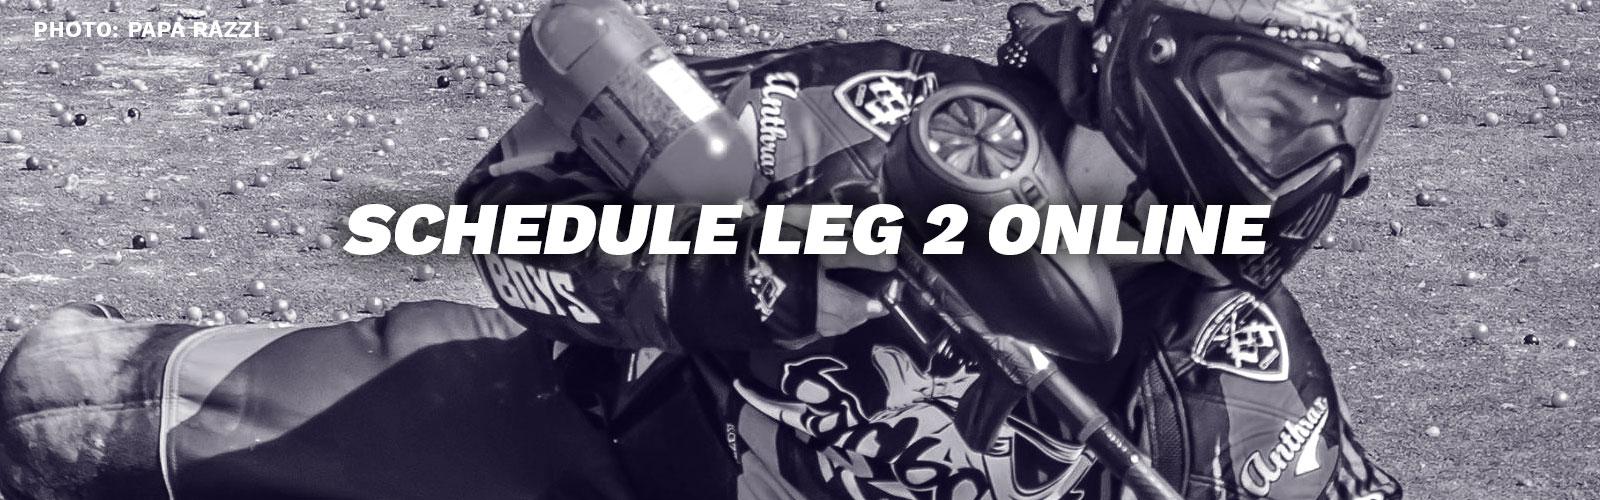 Scedule Leg2